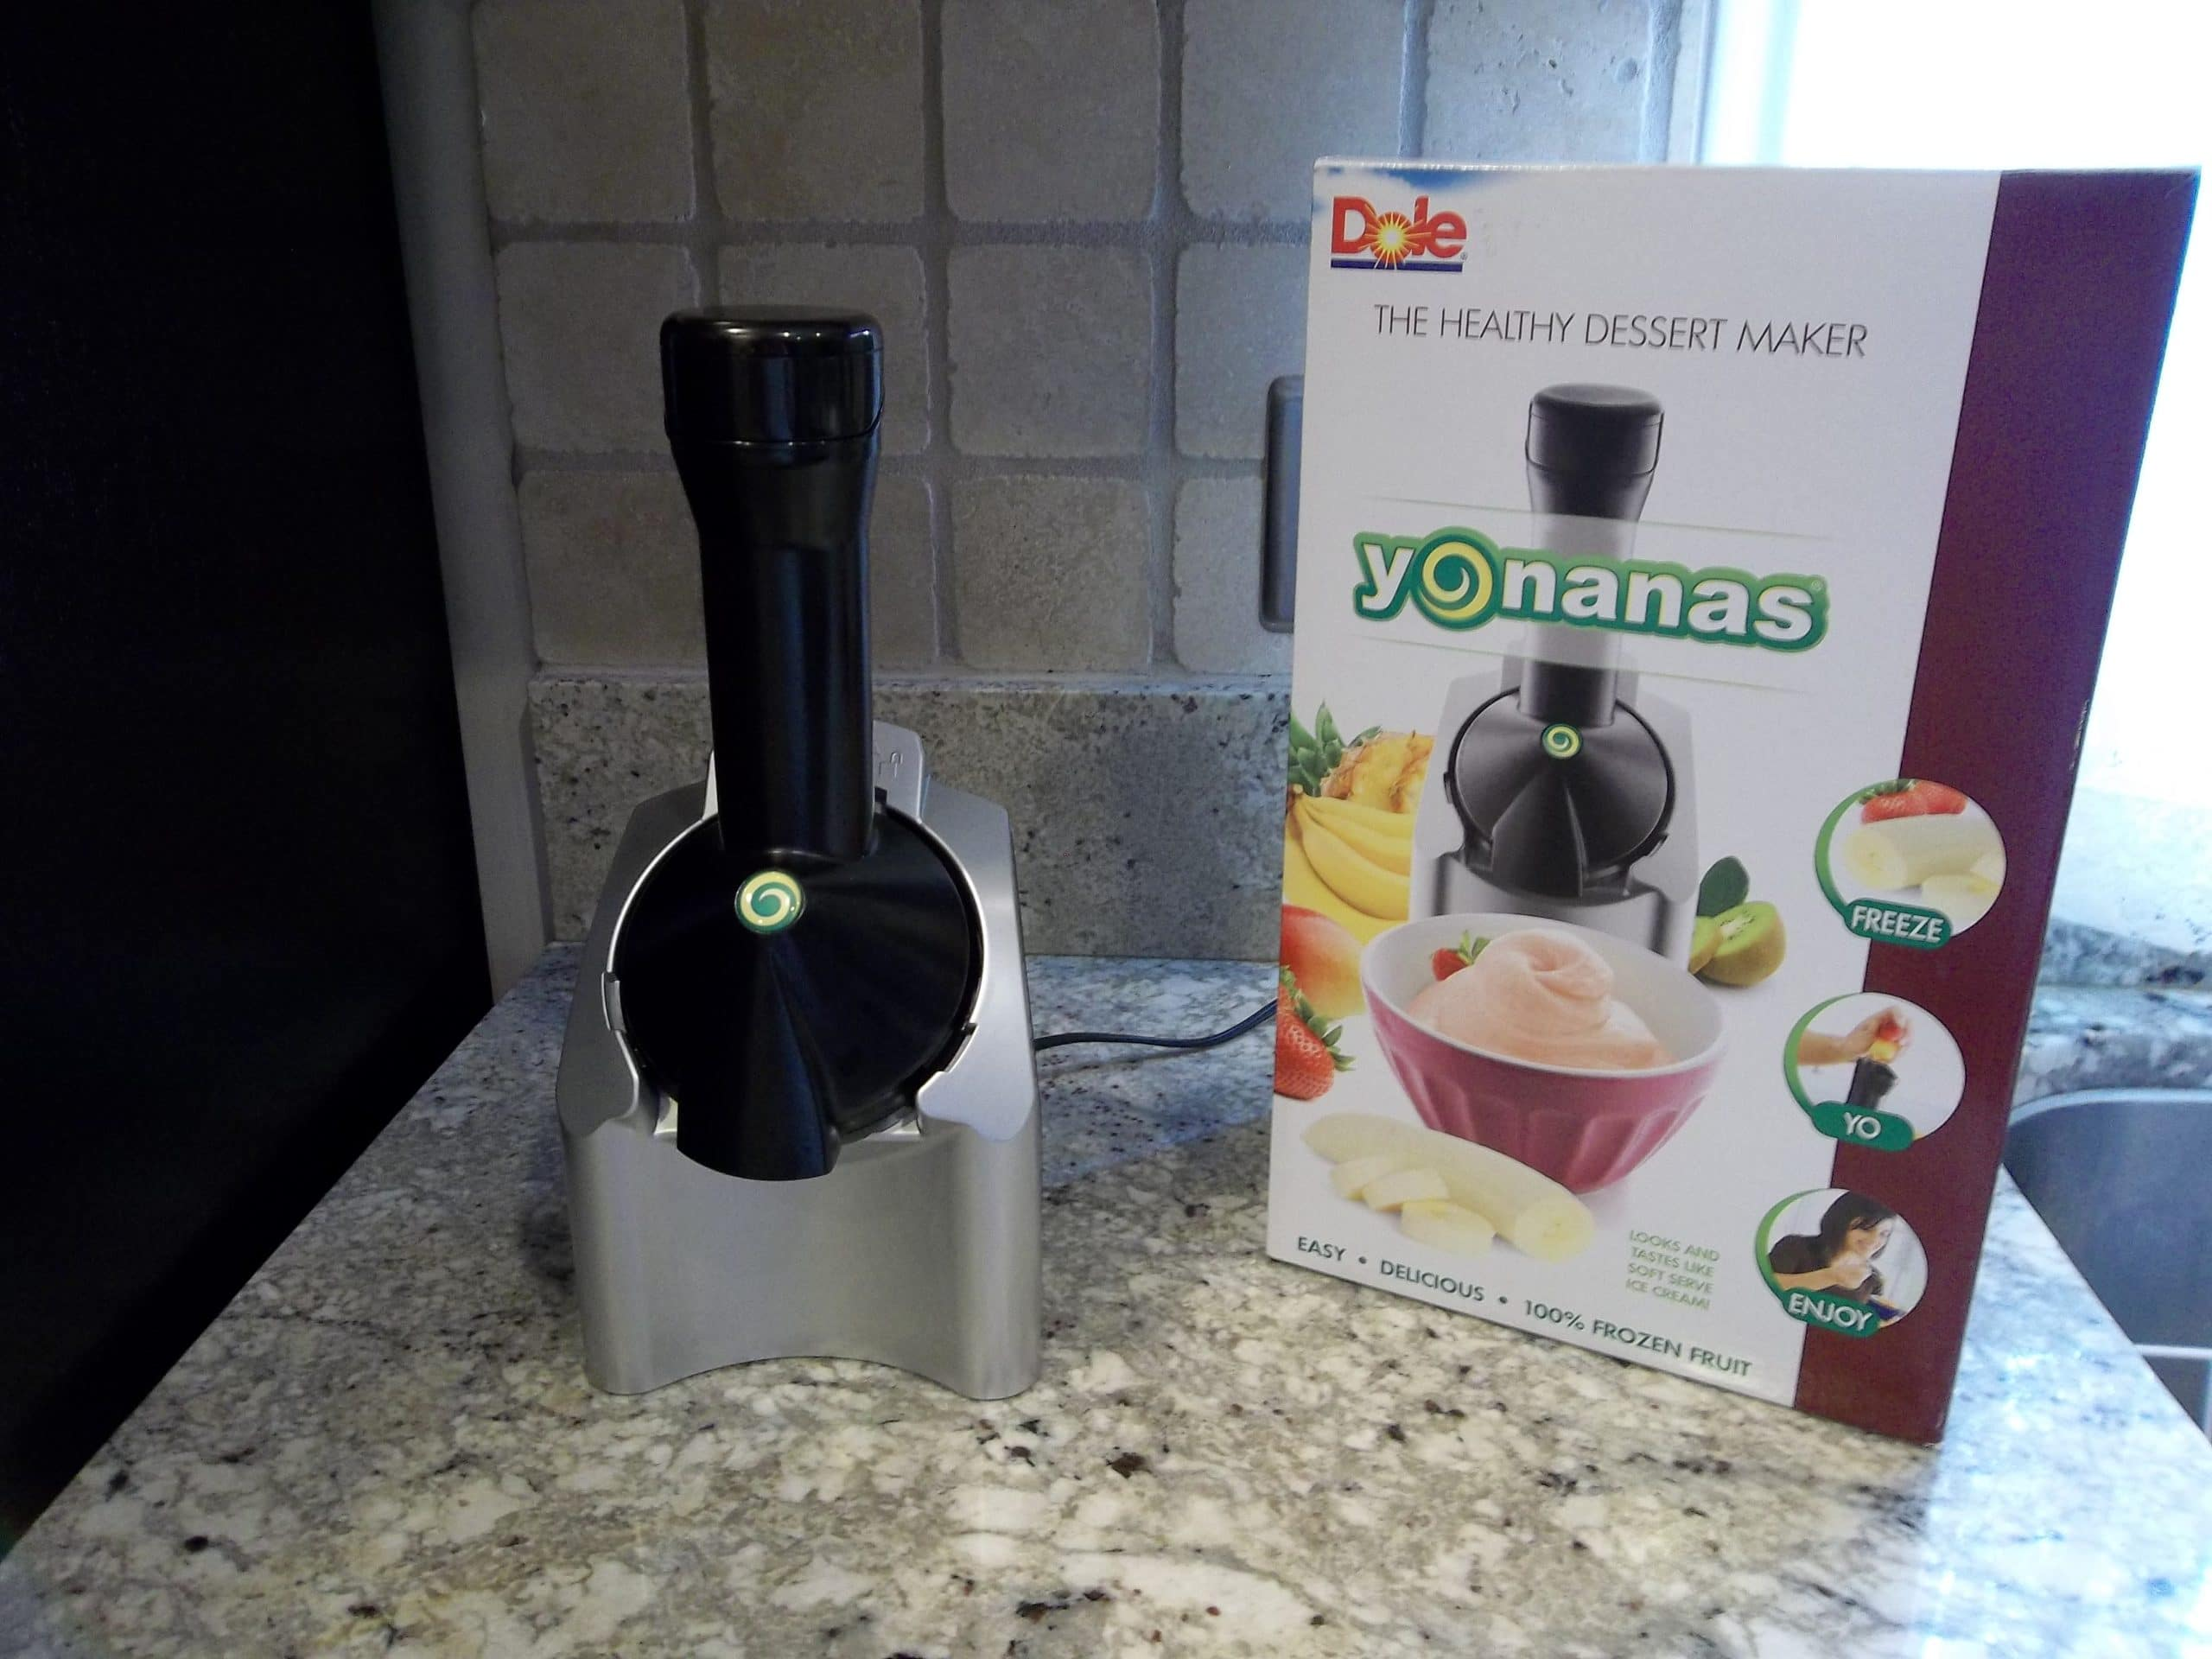 The yonanas fruit dessert maker.